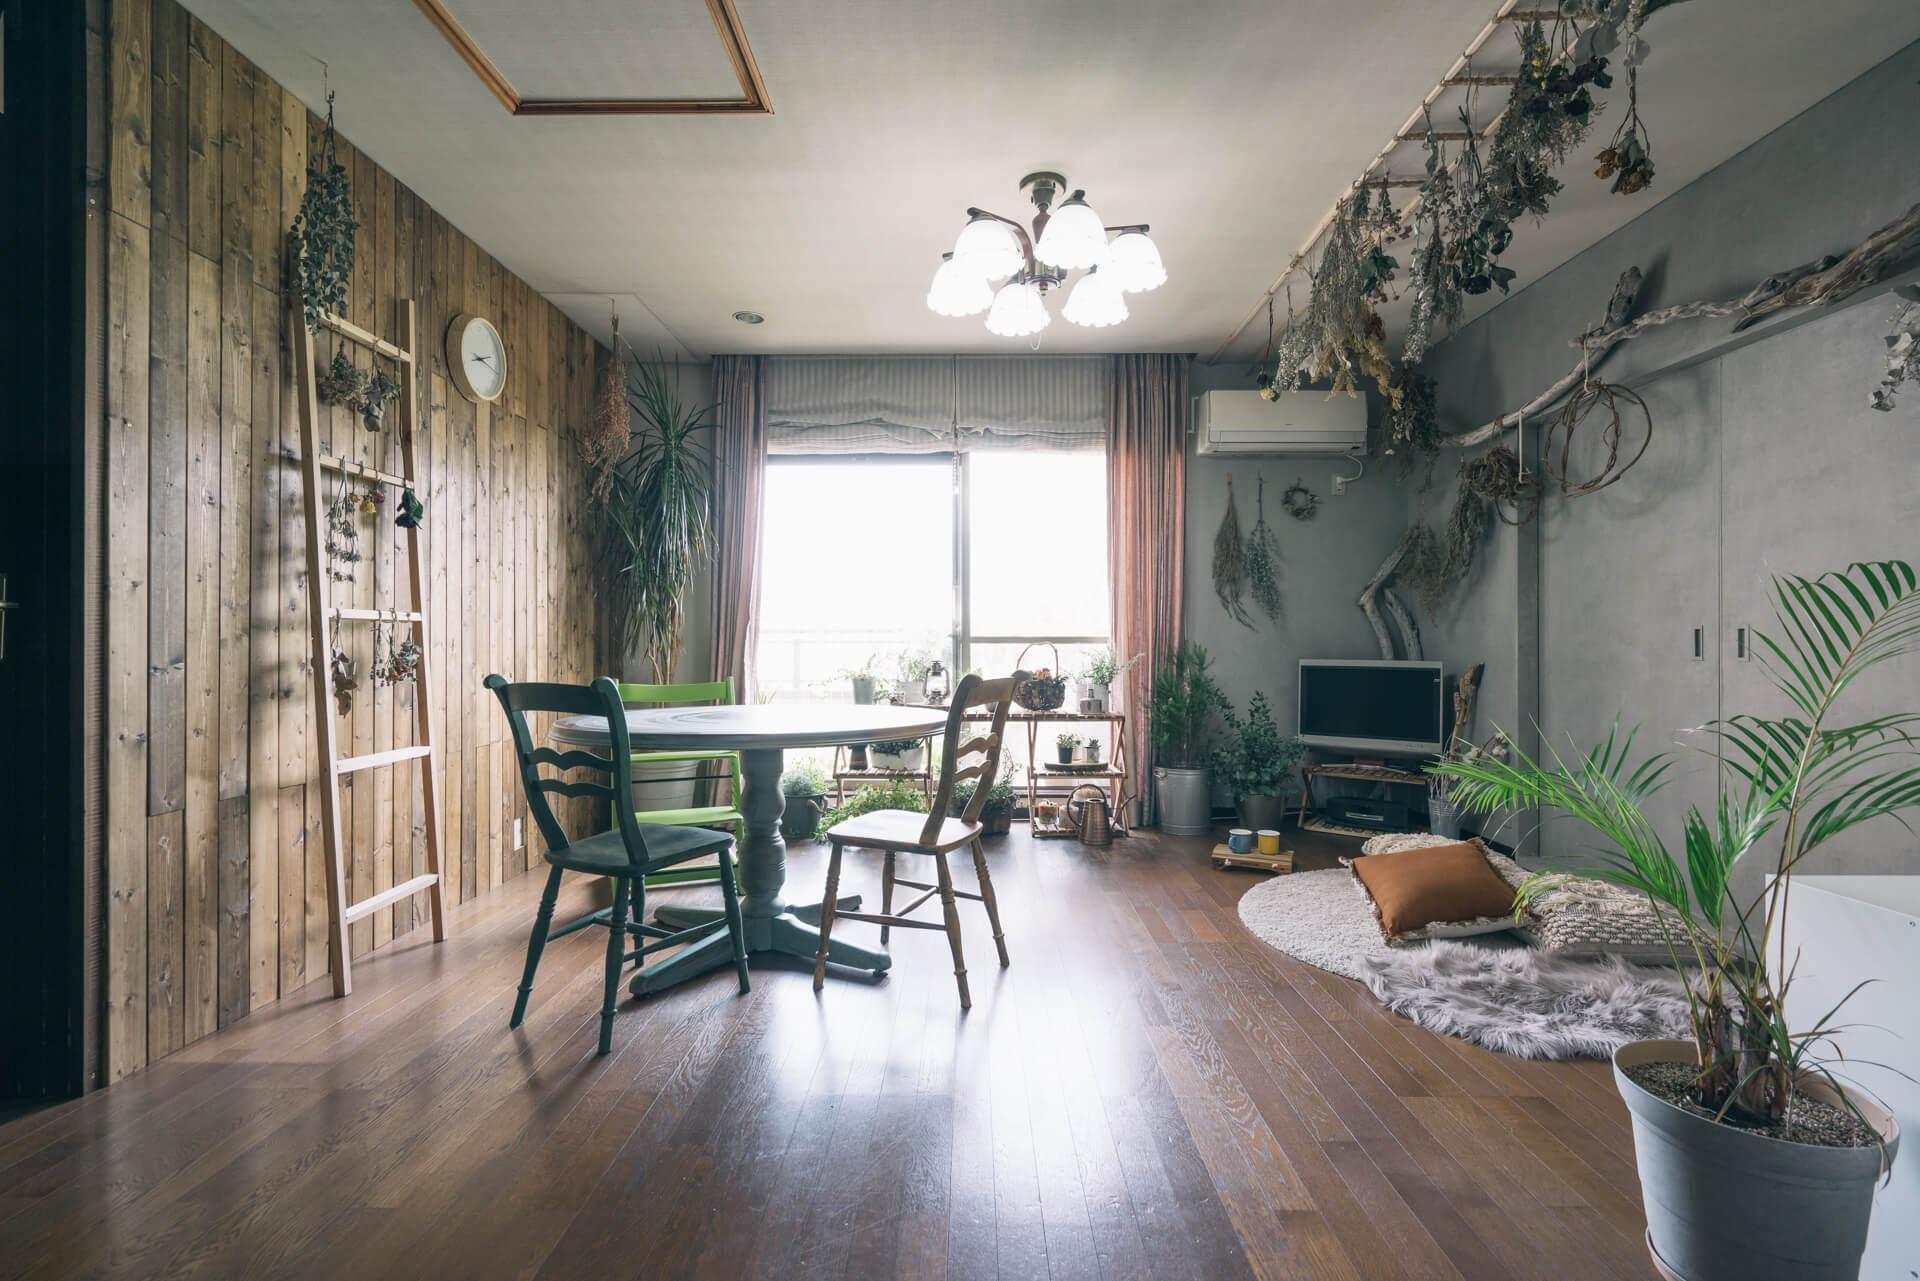 東京都にお住まいのmamiさんのリビング。お庭に咲いたお花や、グリーンが楽しくたくさん飾られた、素敵なお部屋でした。